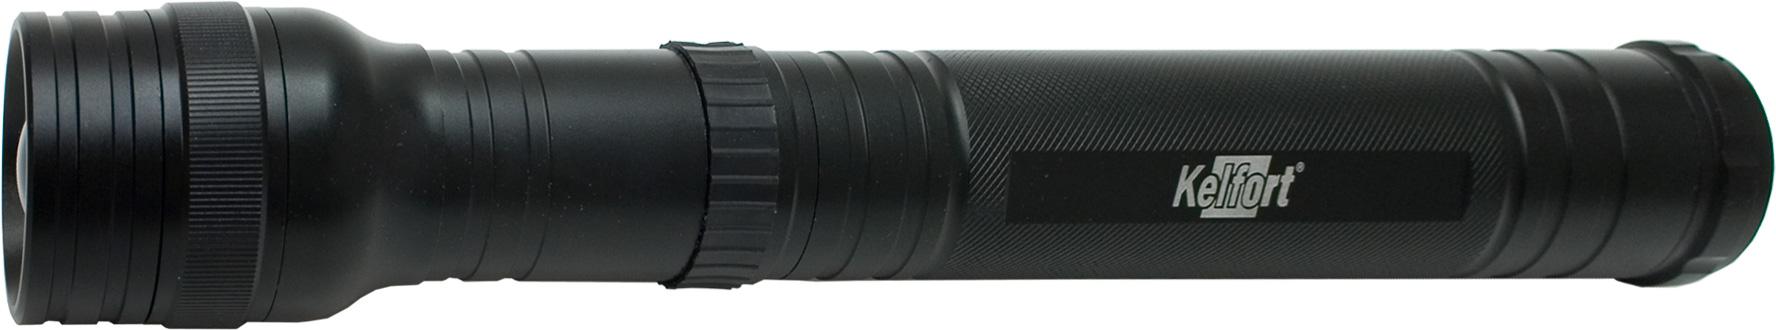 Kelfort Staaflamp powerled oplaadbaar 5W